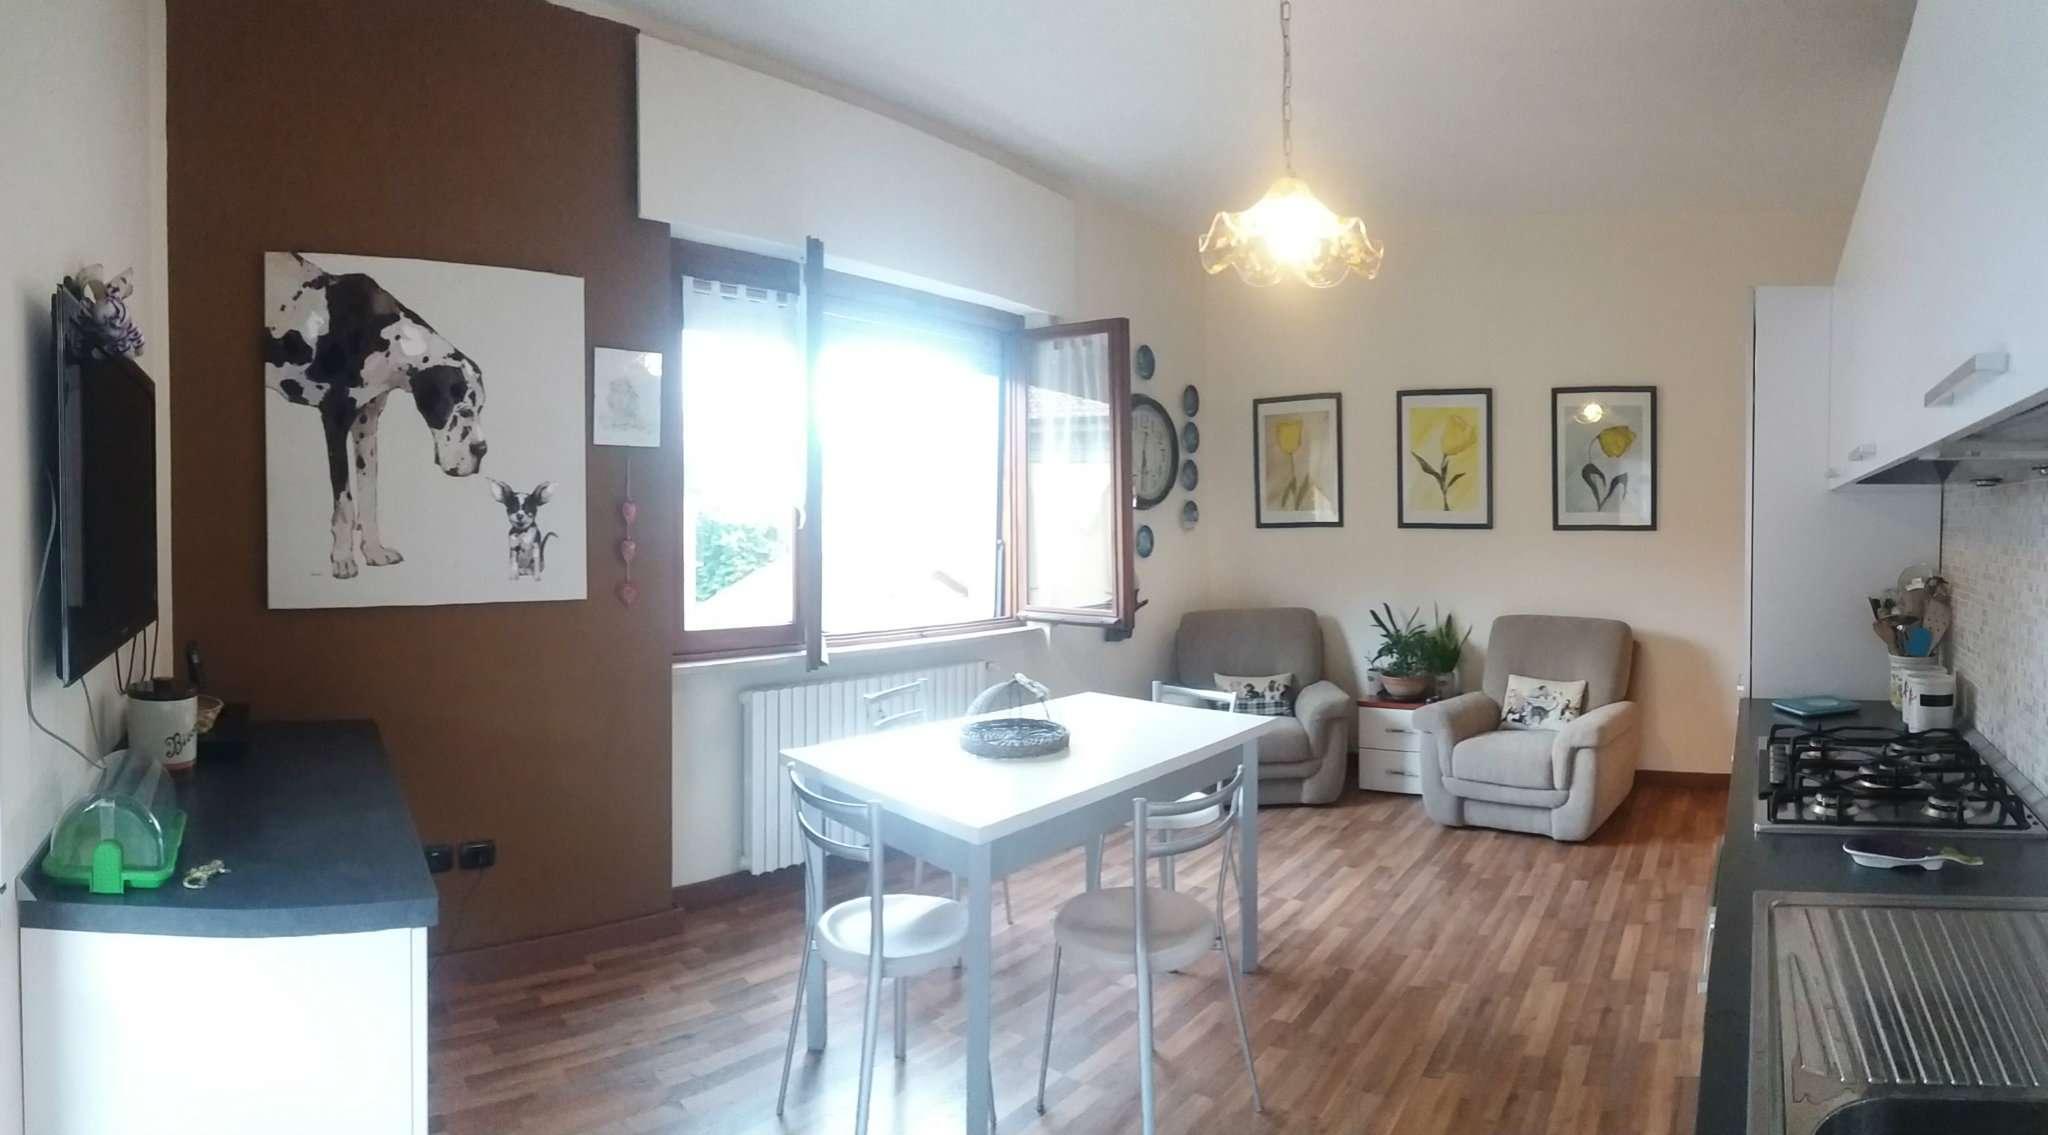 Appartamento in vendita a Acqui Terme, 5 locali, prezzo € 155.000 | PortaleAgenzieImmobiliari.it